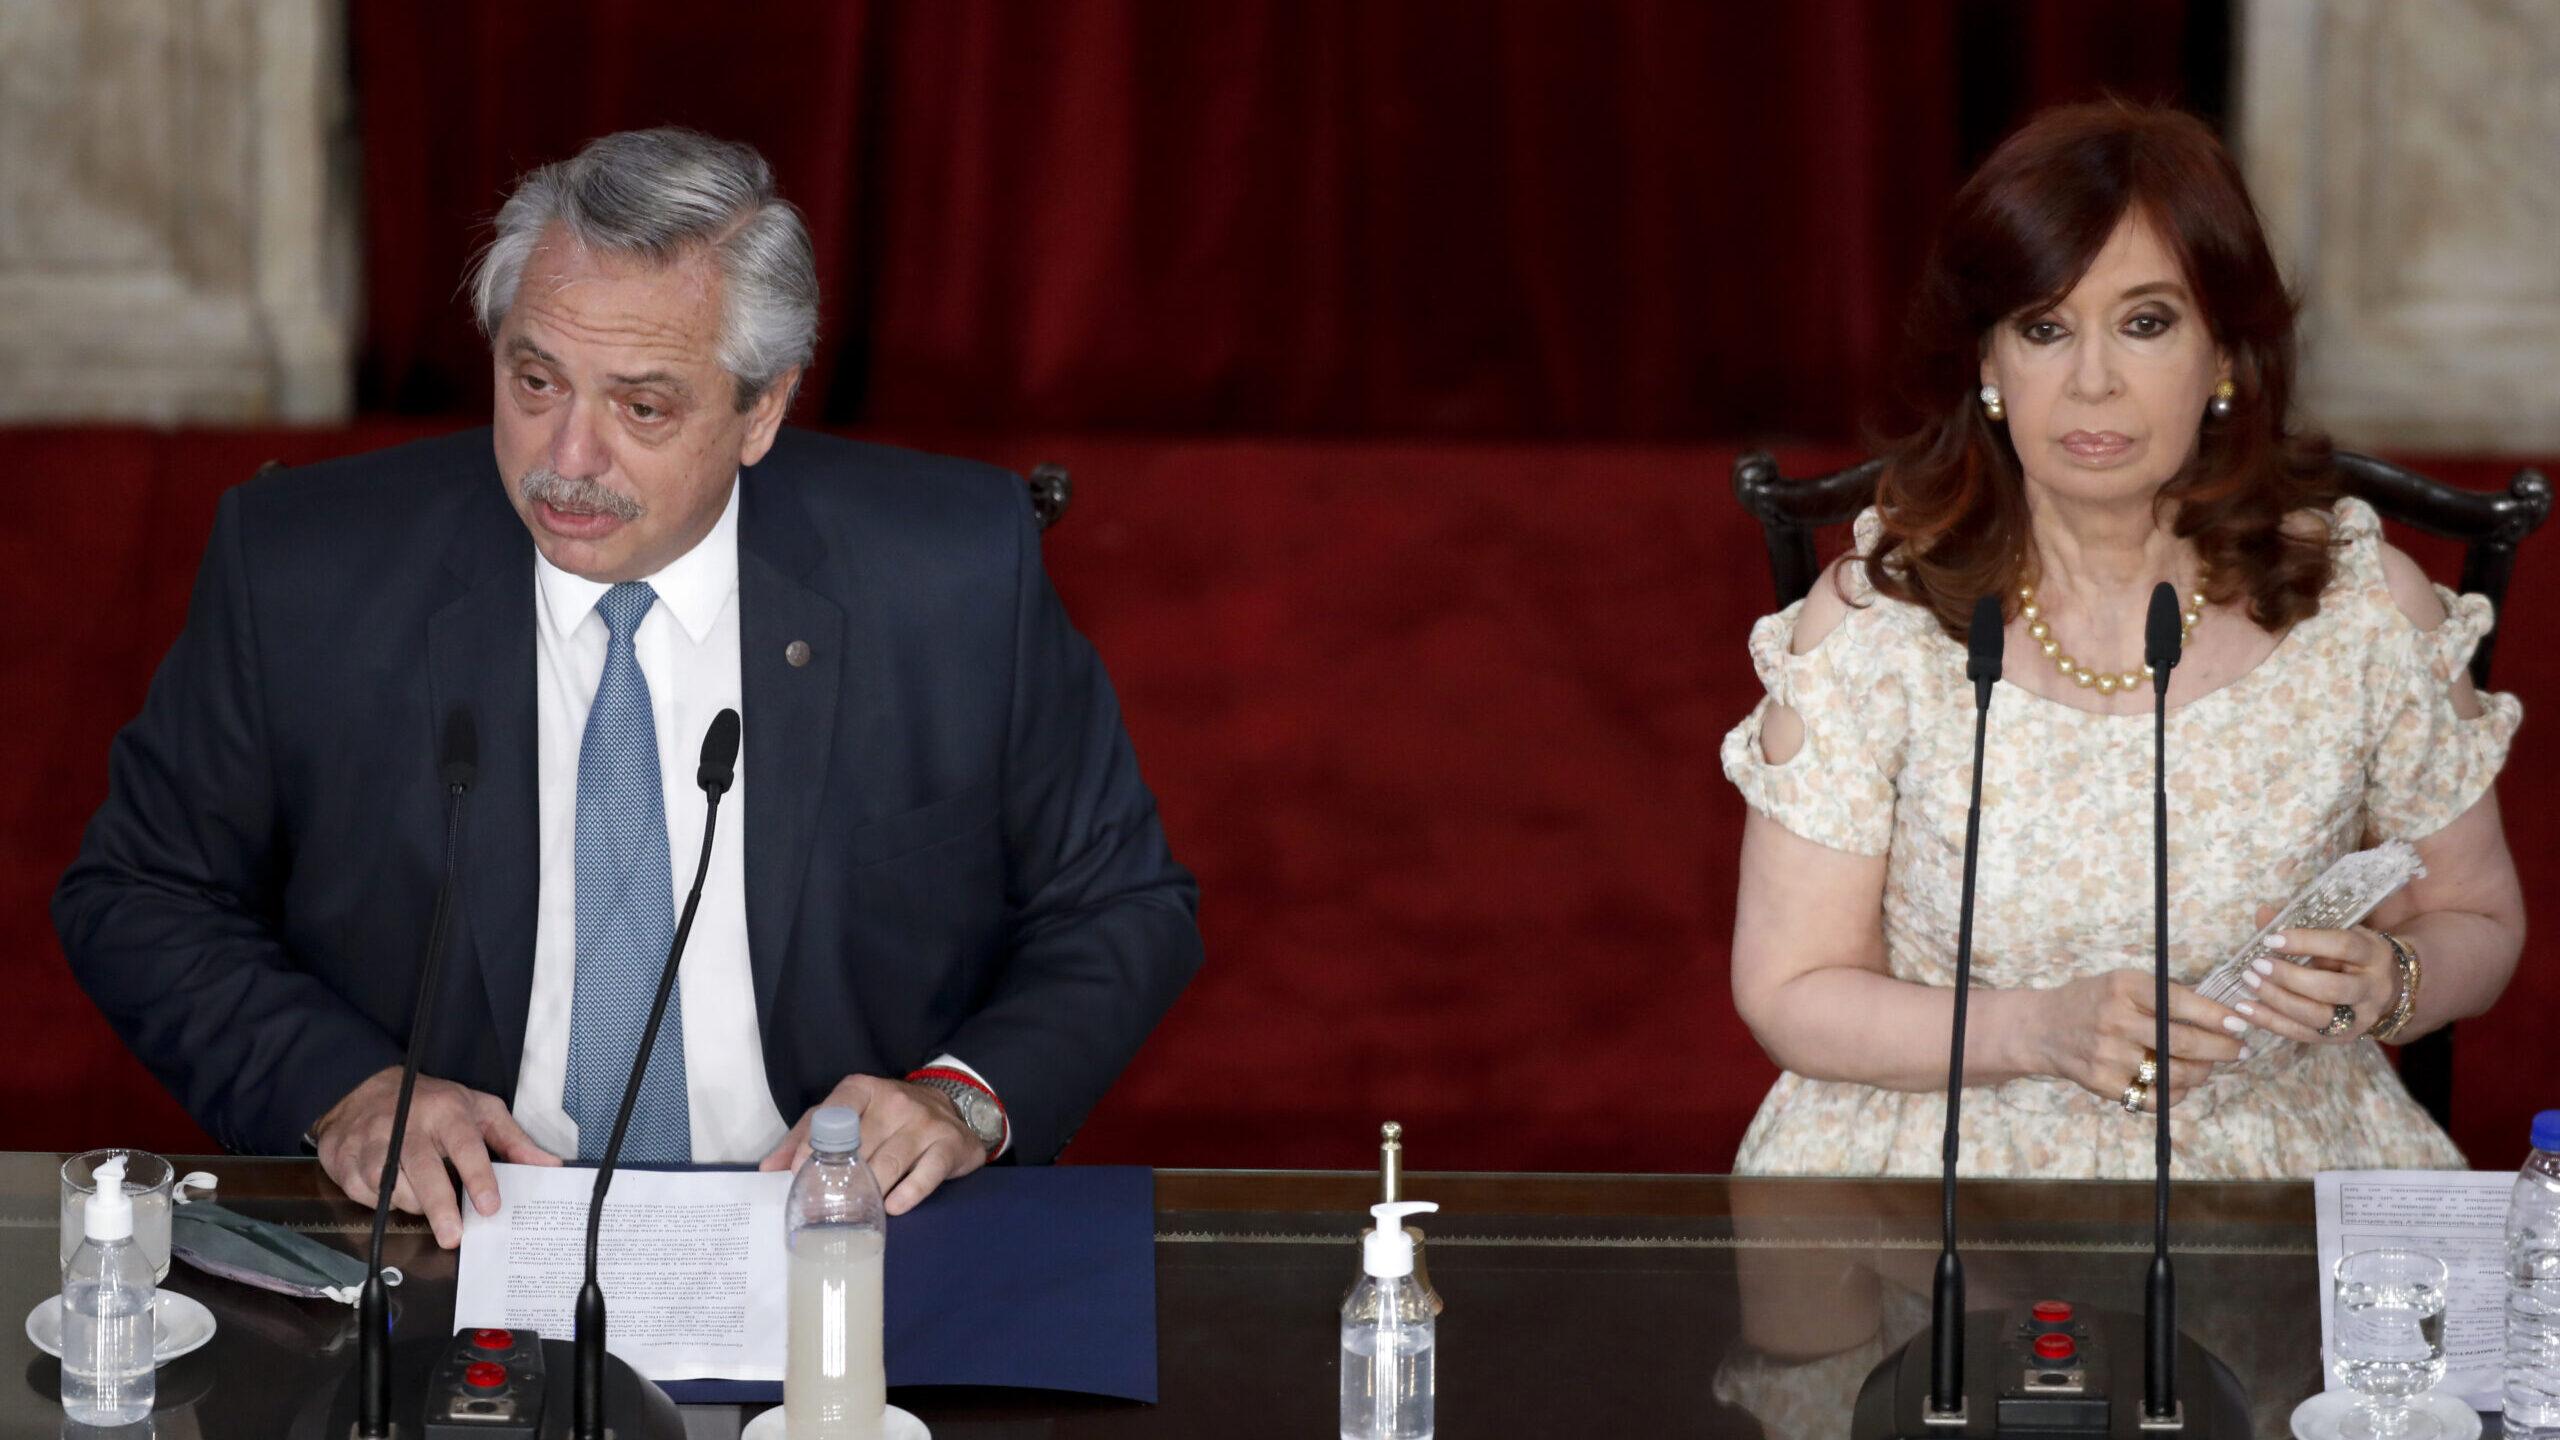 Conflicto por clases presenciales manifiesta intensidad de brecha política en Argentina